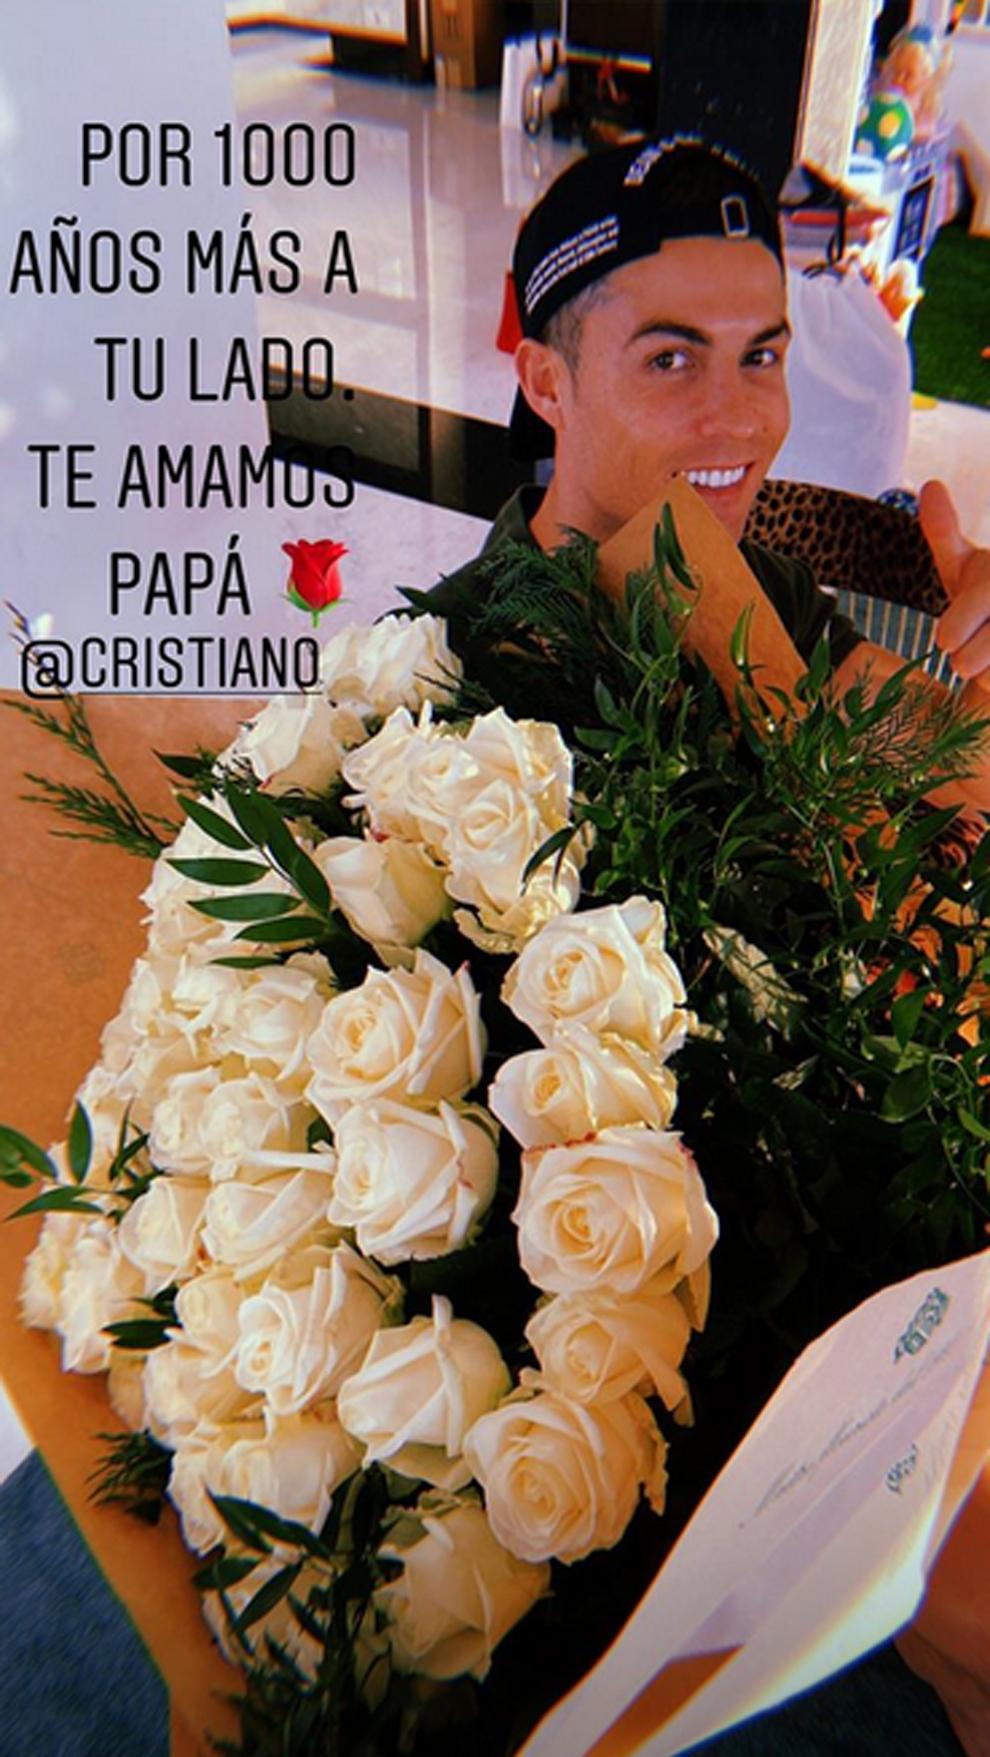 Georgina Rodríguez felicita a Cristiano Ronaldo por su 35 cumpleaños